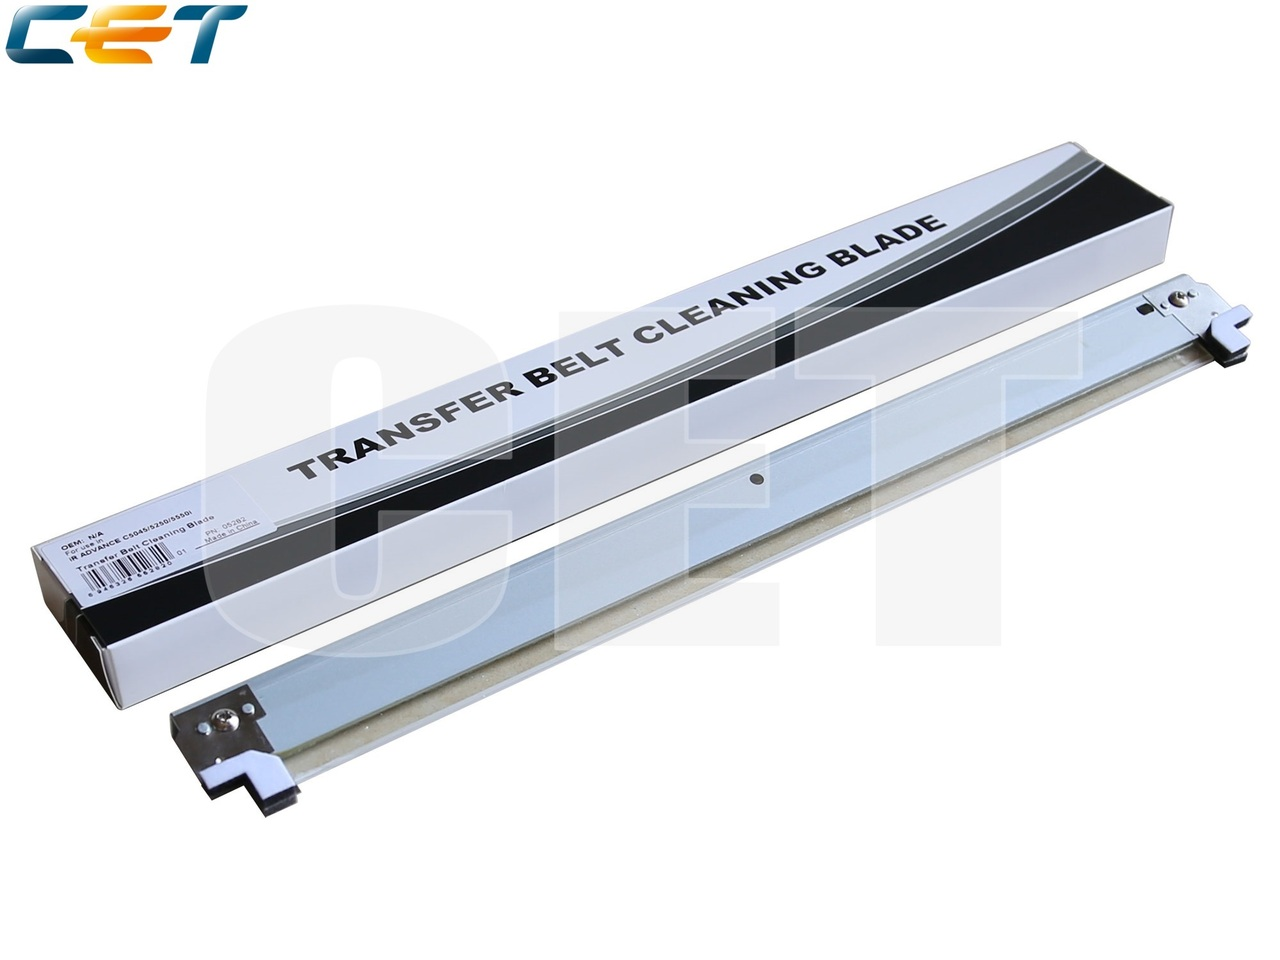 Лезвие очистки ленты переноса FM4-7246-010 для CANON iRADVANCE C5030/C5035/C5045/C5535i/C5540i (CET), CET5282